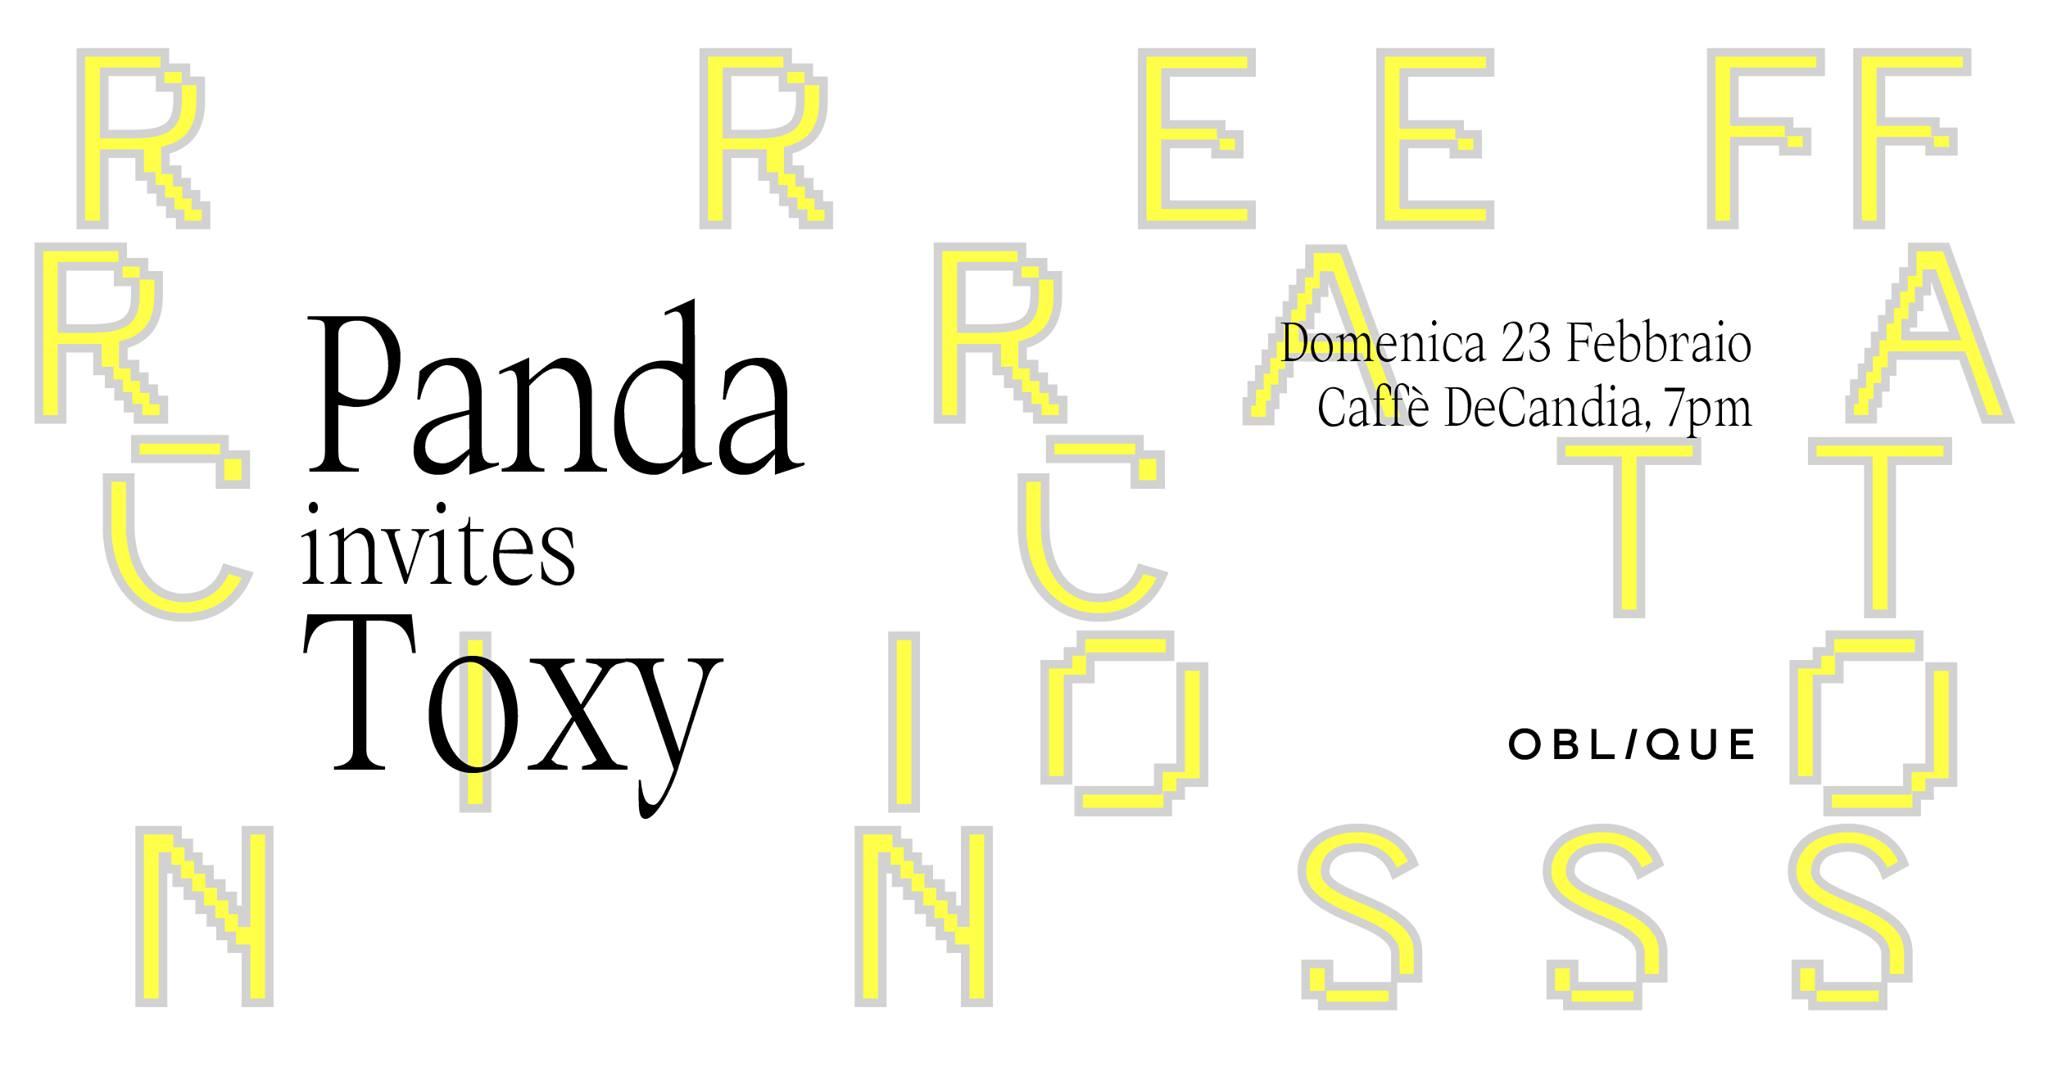 Refraction - Panda invites Toxy - De Candia - Cagliari - 23 febbraio 2020 - eventi - 2020 - Sa Scena Sarda